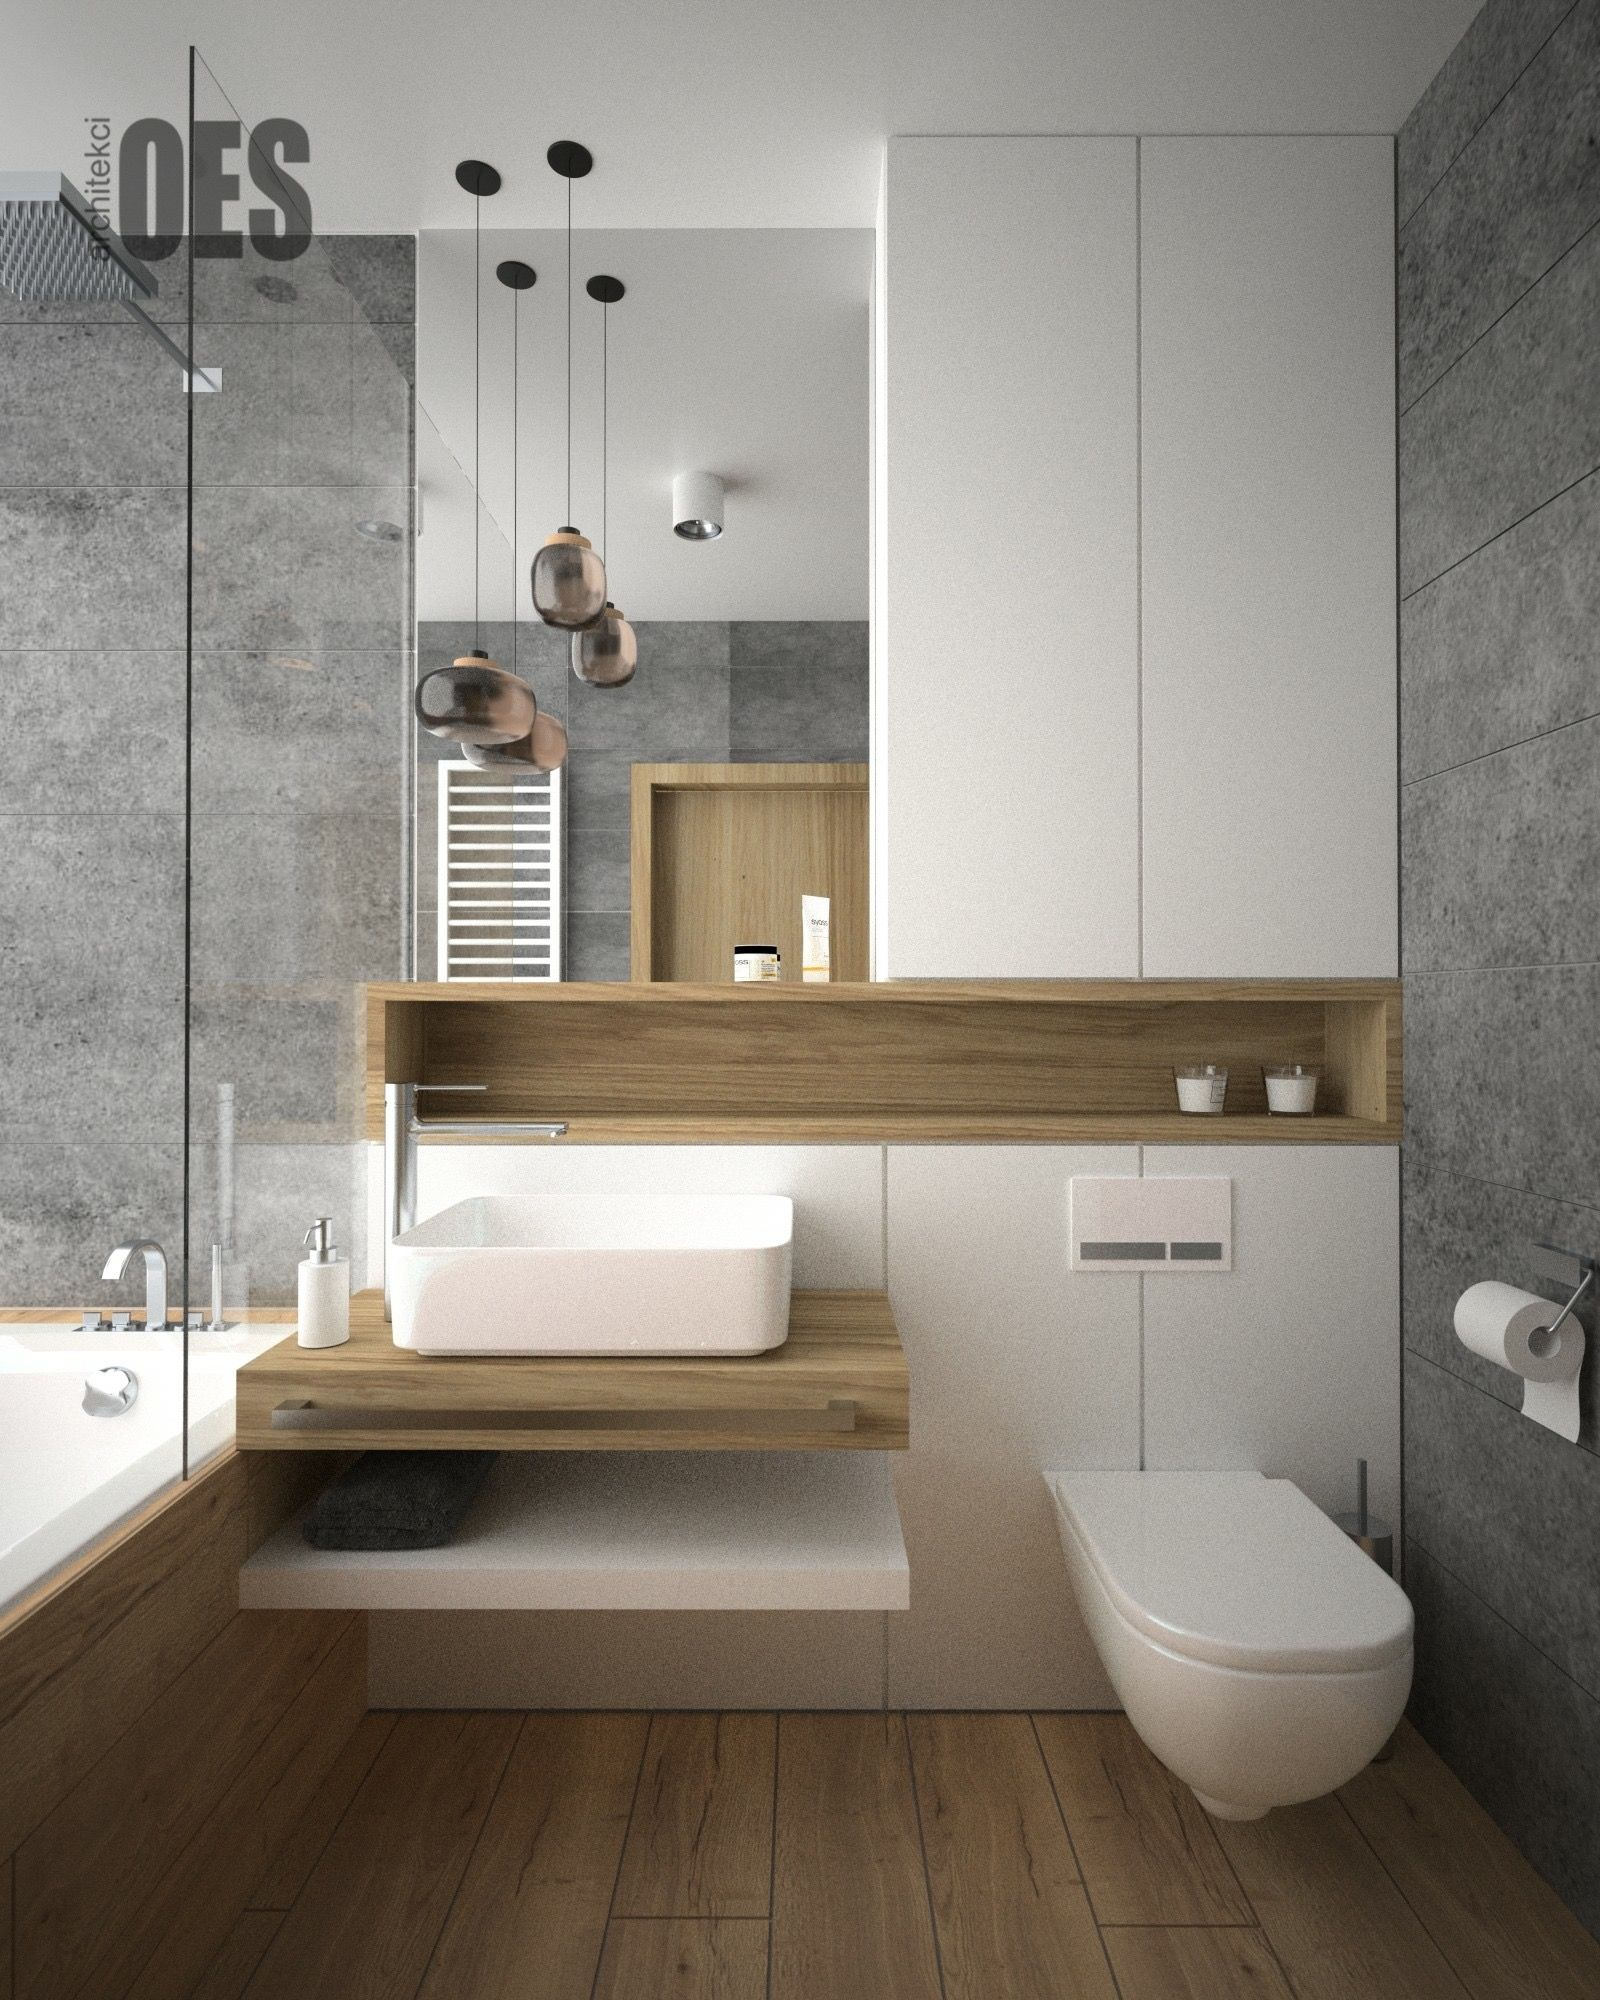 Interior design에 있는 Joanna Alwardany님의 핀 | Pinterest | 욕실 ...